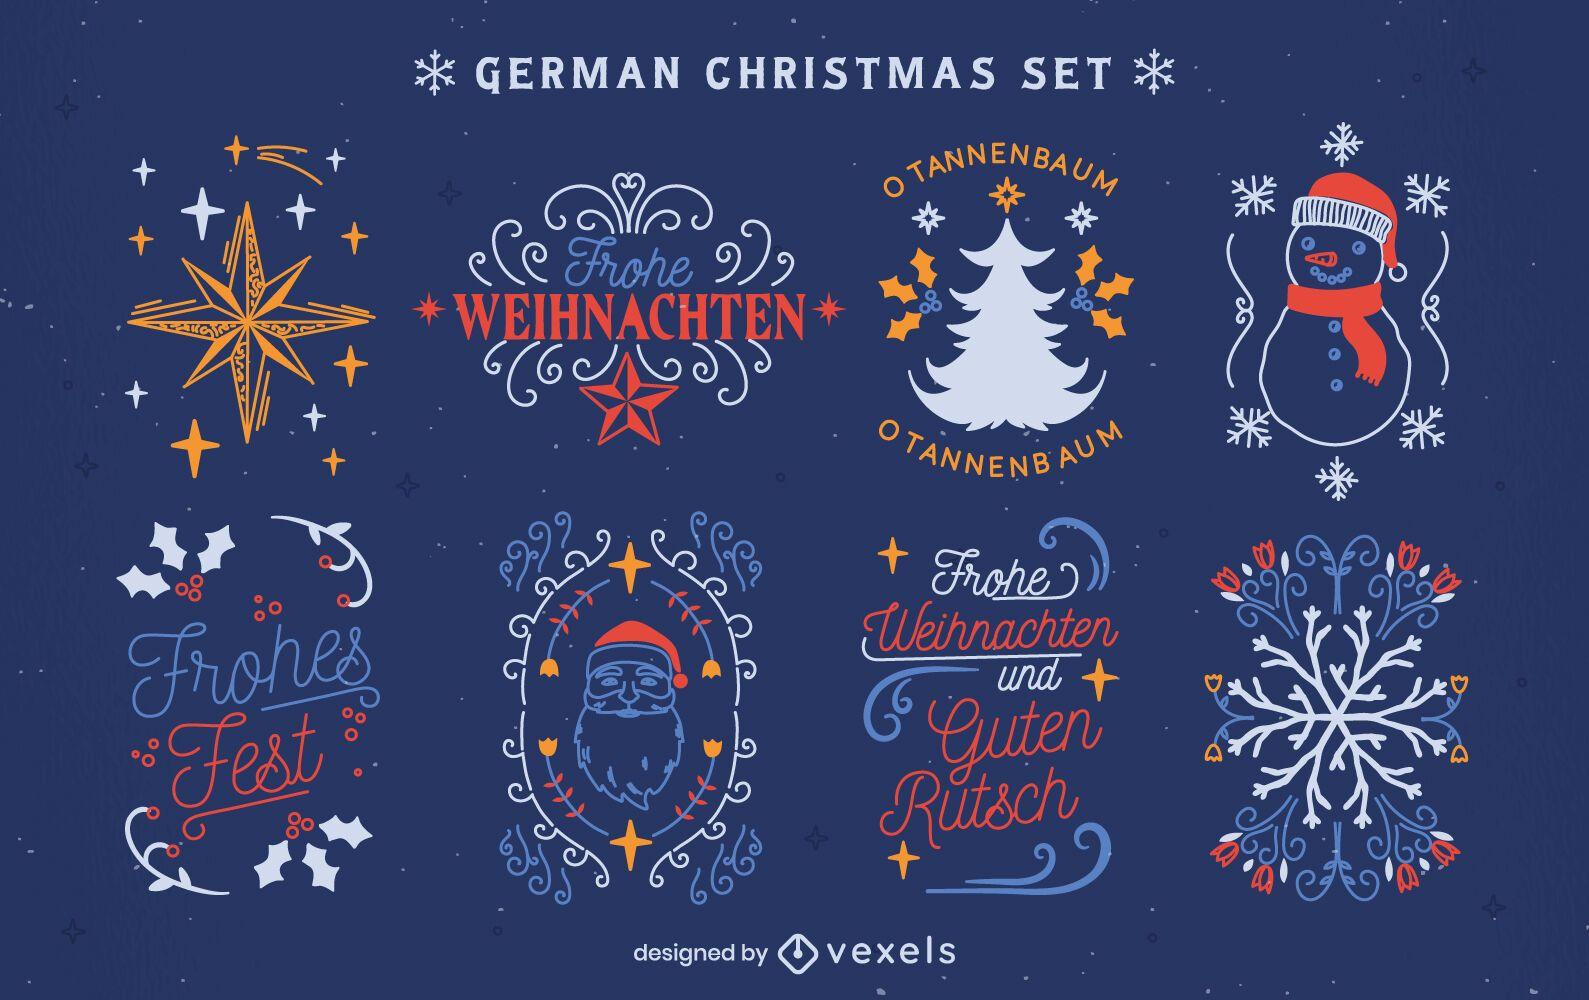 Hermoso conjunto de elementos navideños en alemán